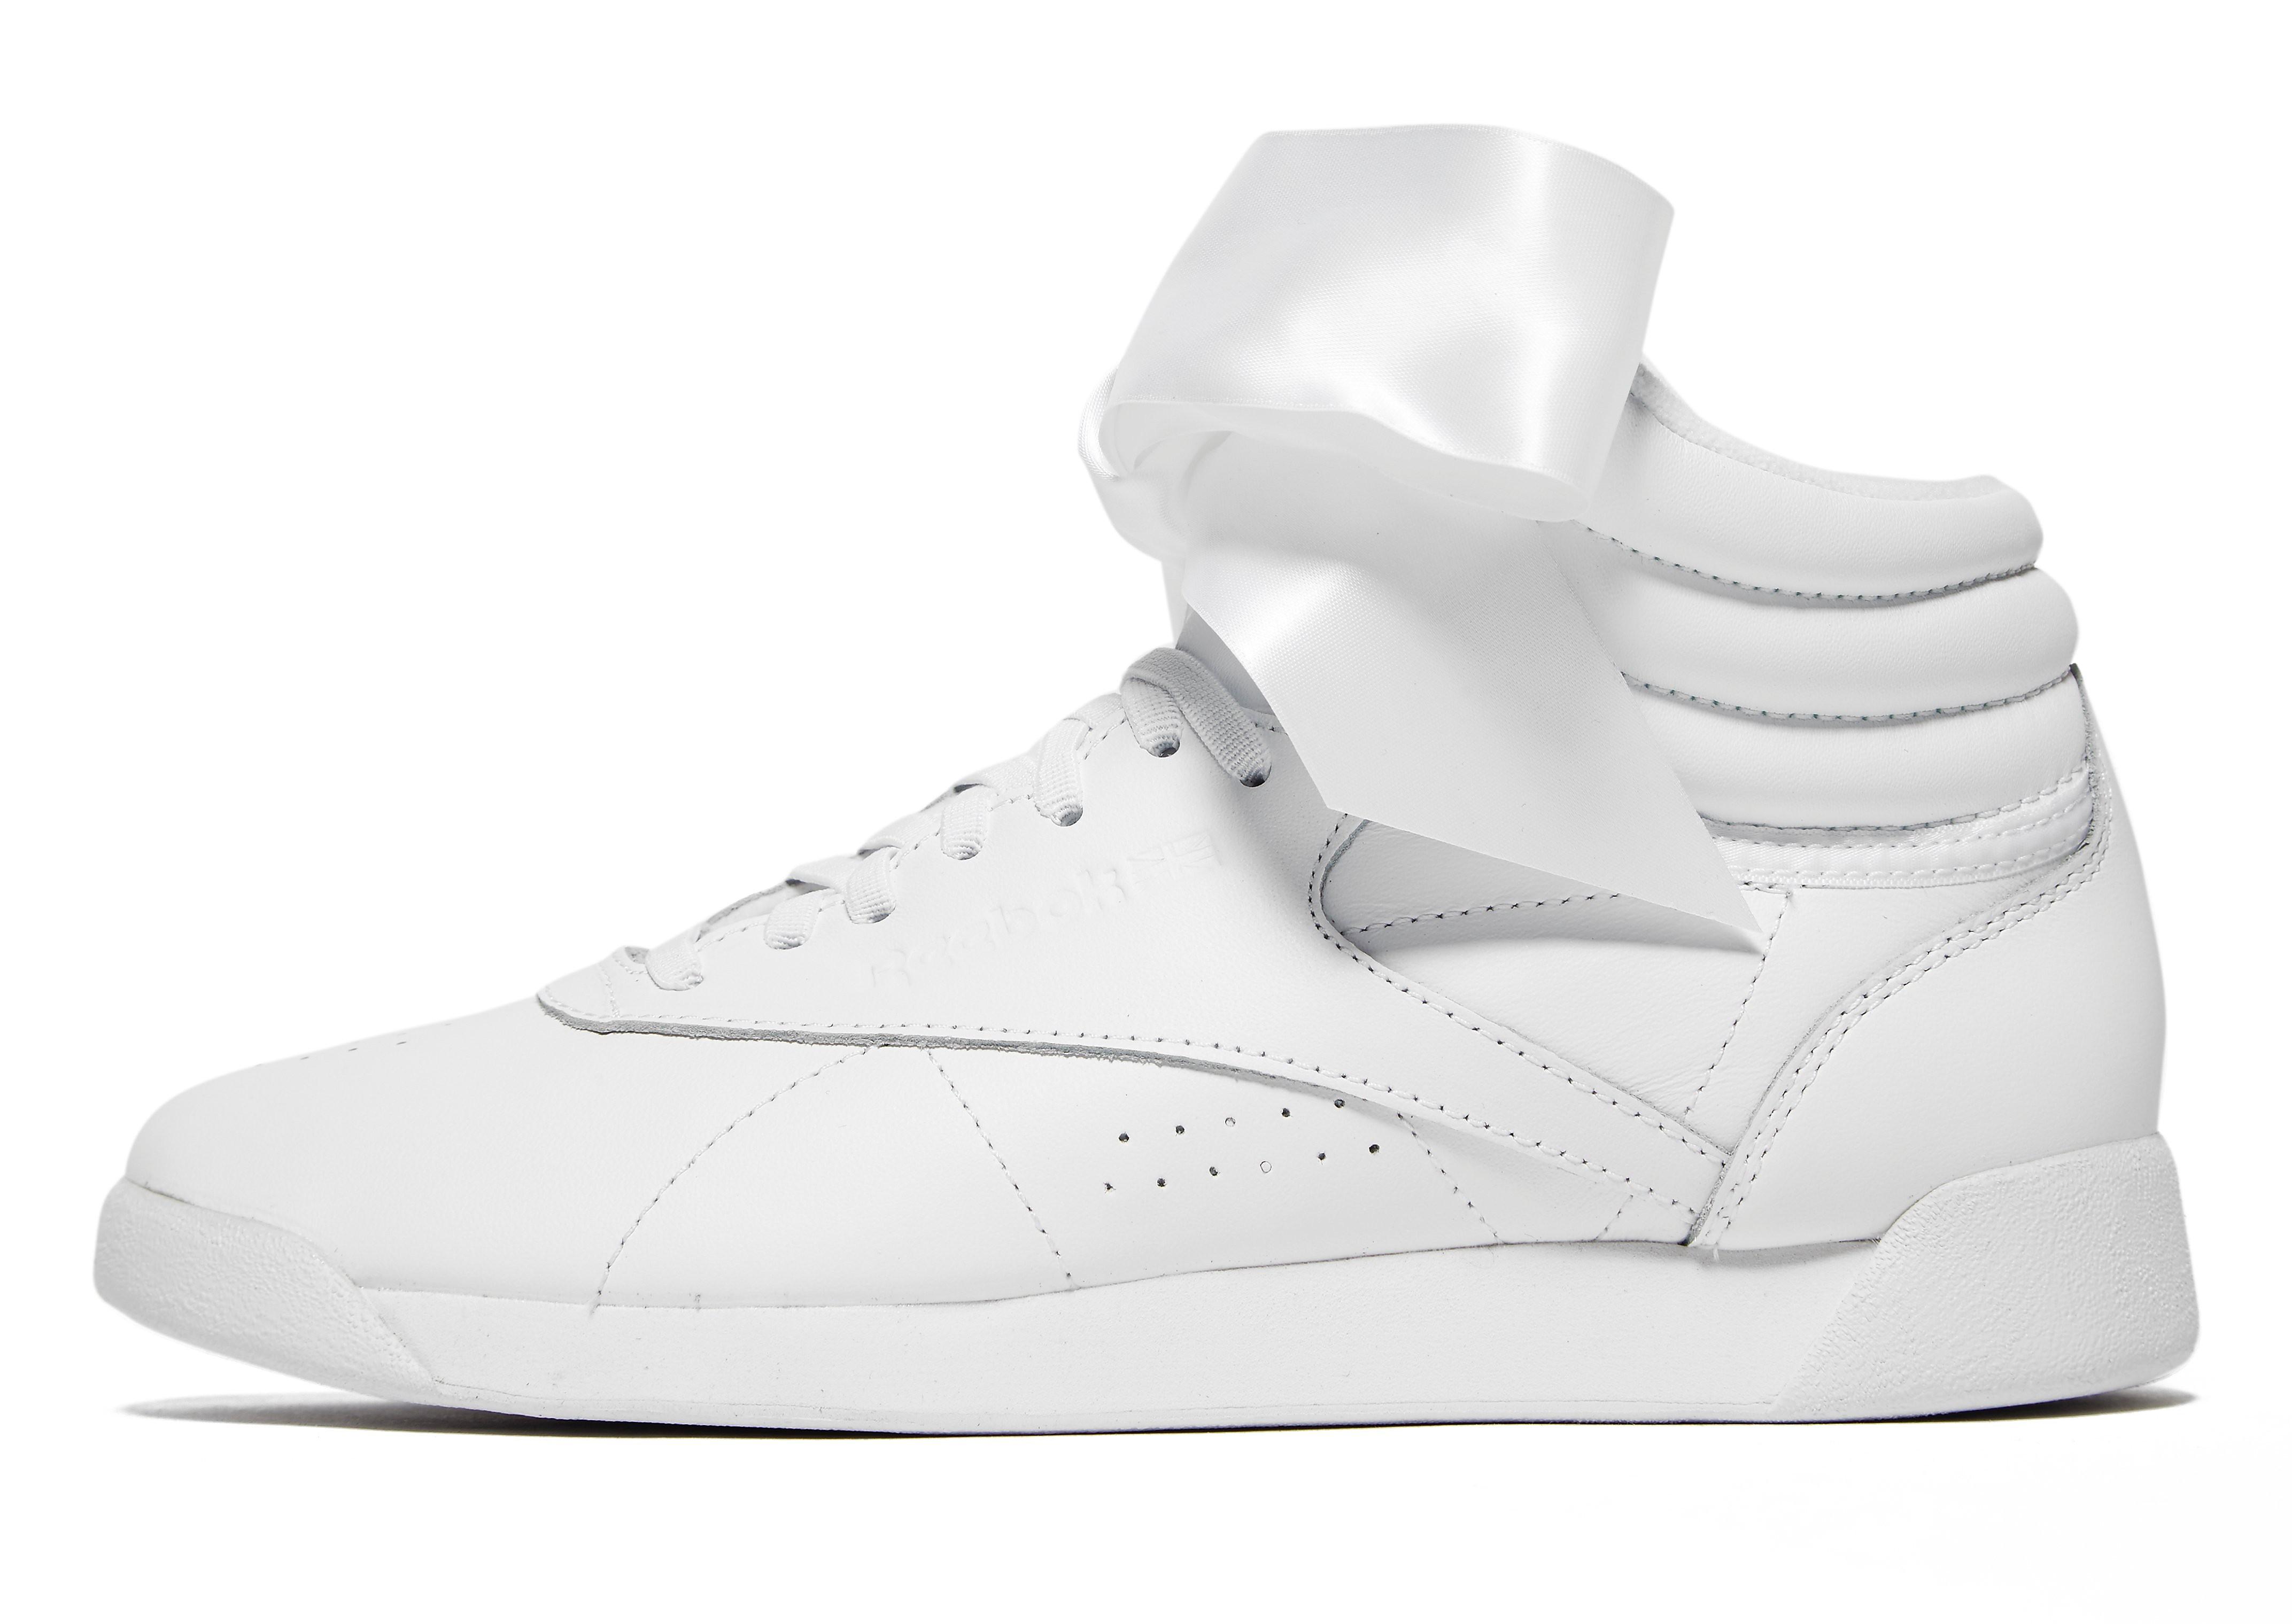 Reebok Freestyle damessneaker grijs en wit